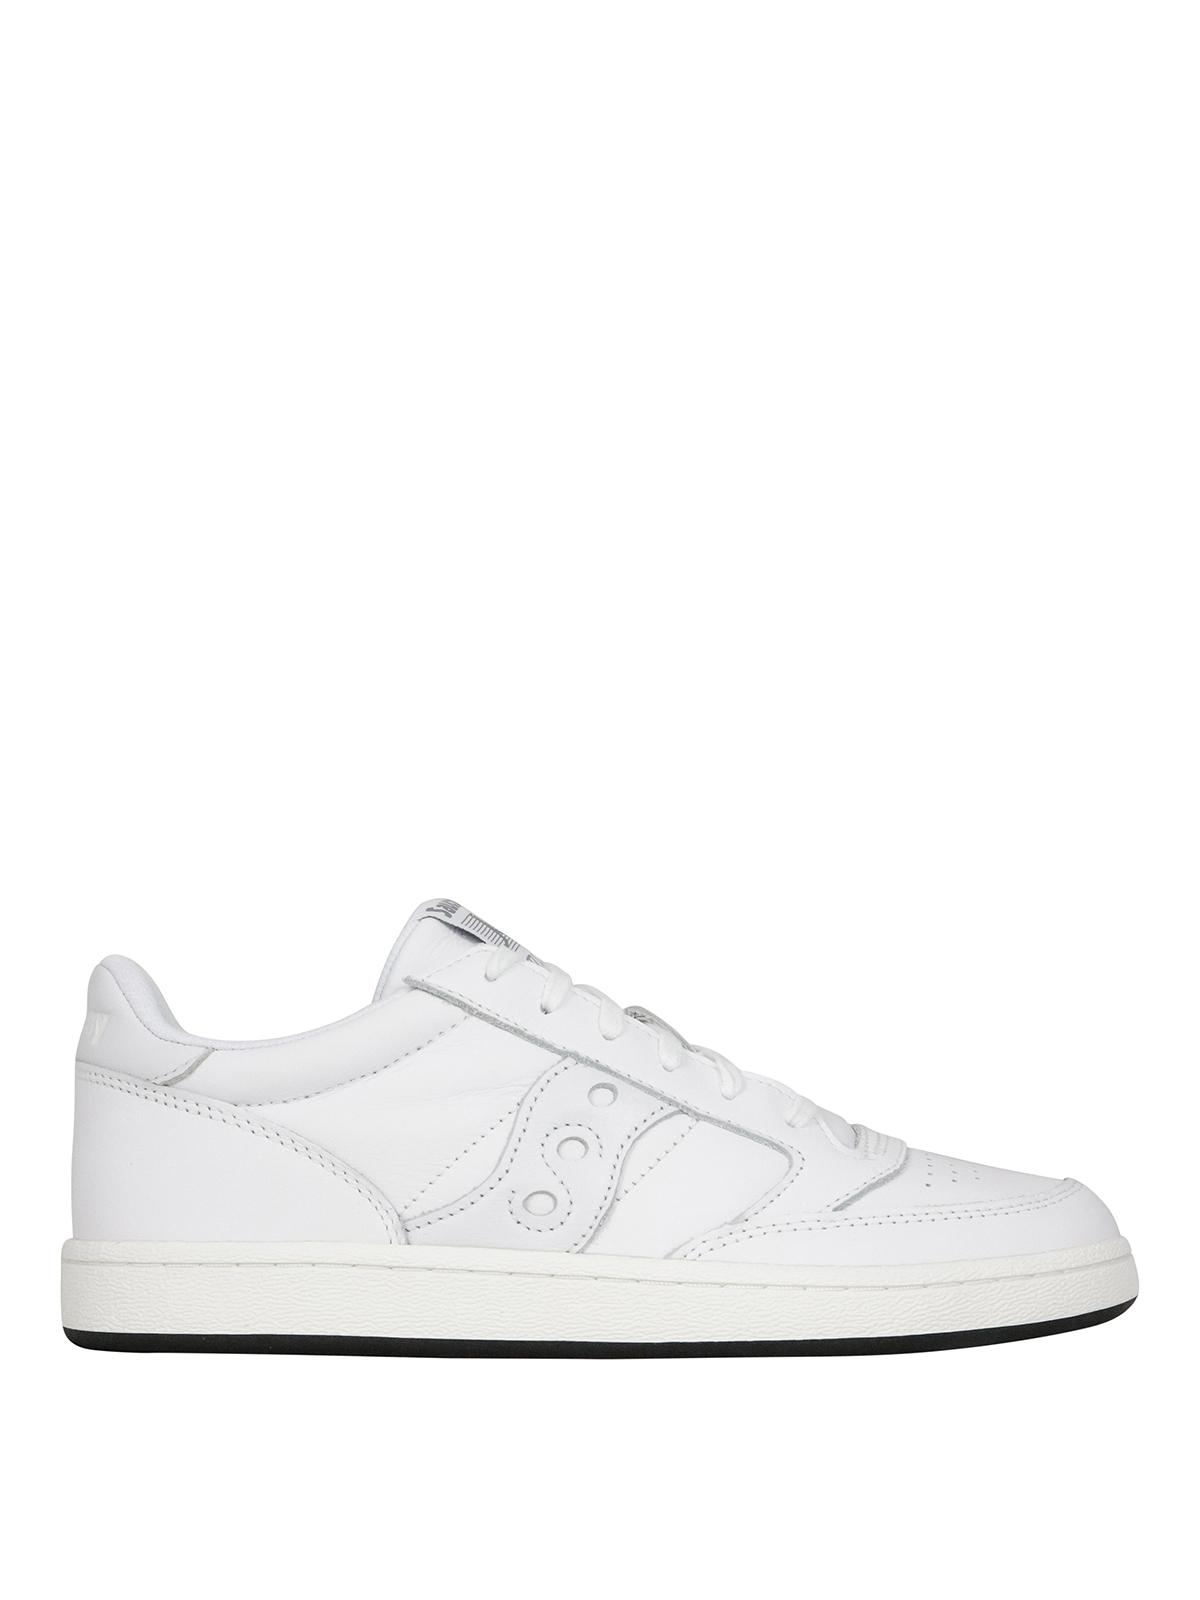 Saucony Sneakers JAZZ COURT SNEAKERS